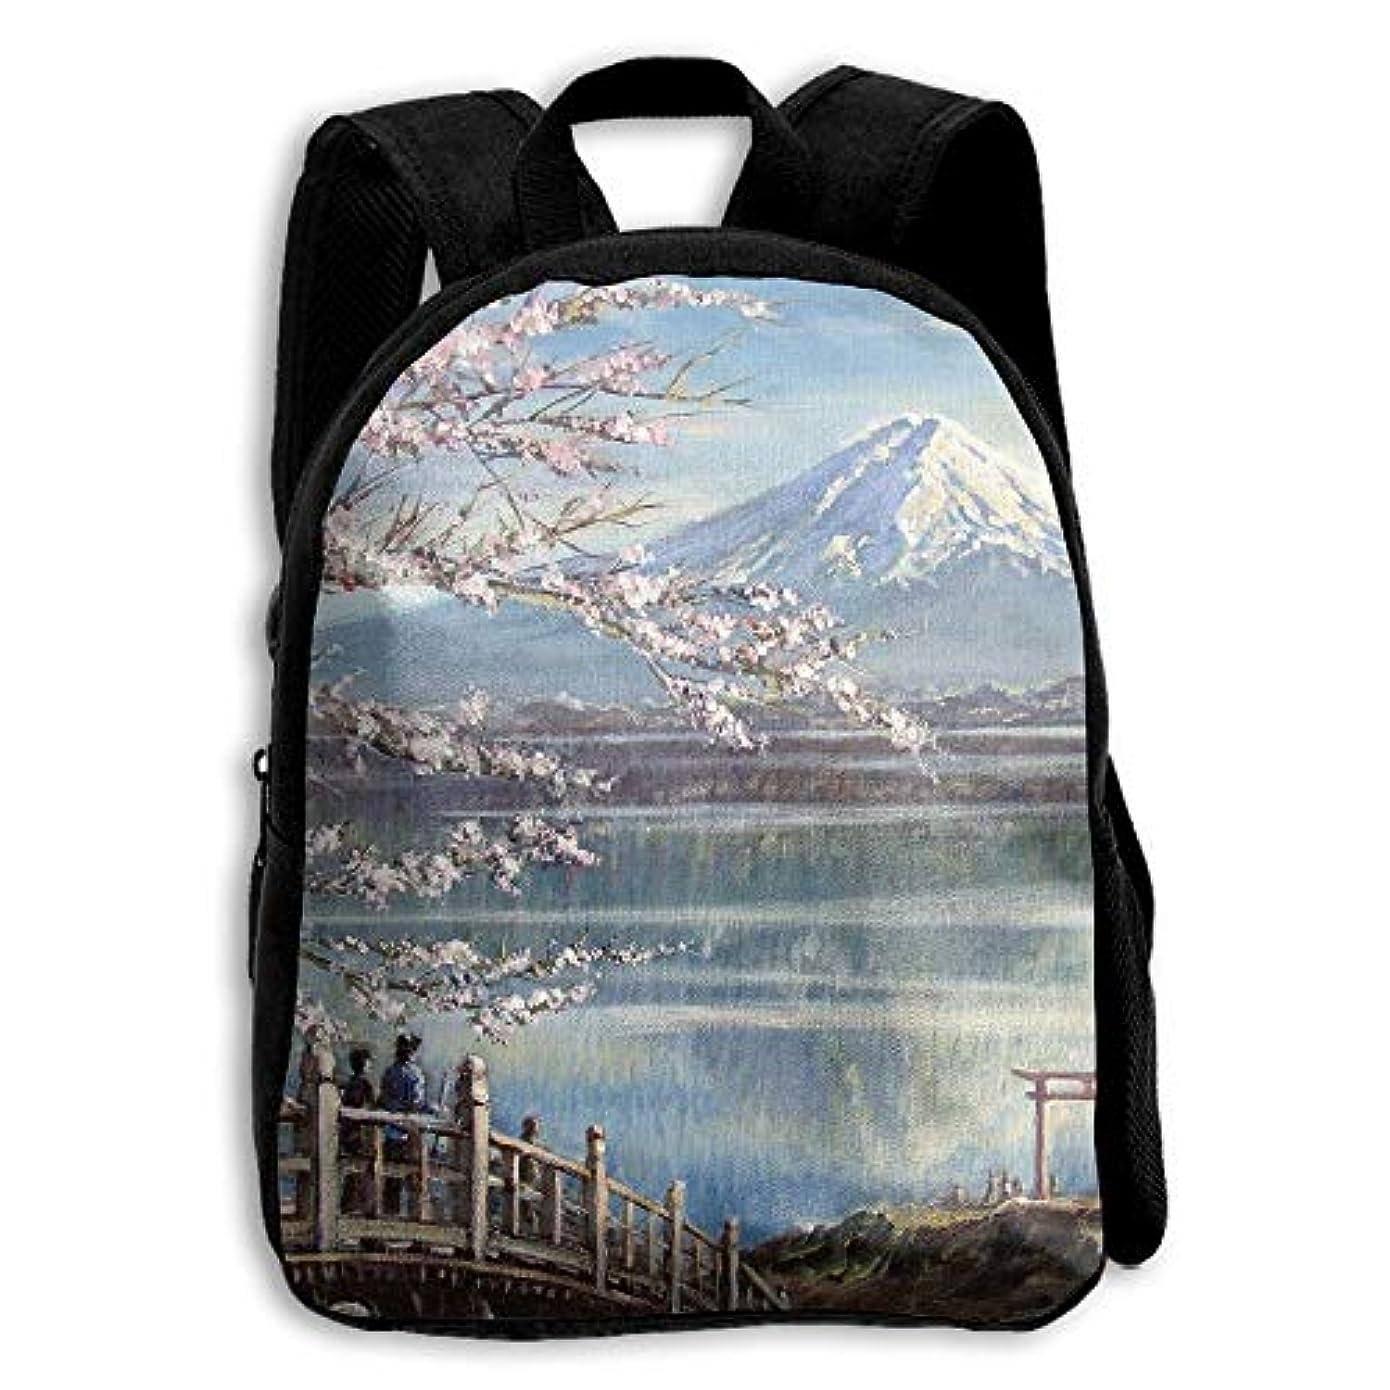 終了しましたむしろハーフキッズ バックパック 子供用 リュックサック 富士山桜の木 ショルダー デイパック アウトドア 男の子 女の子 通学 旅行 遠足